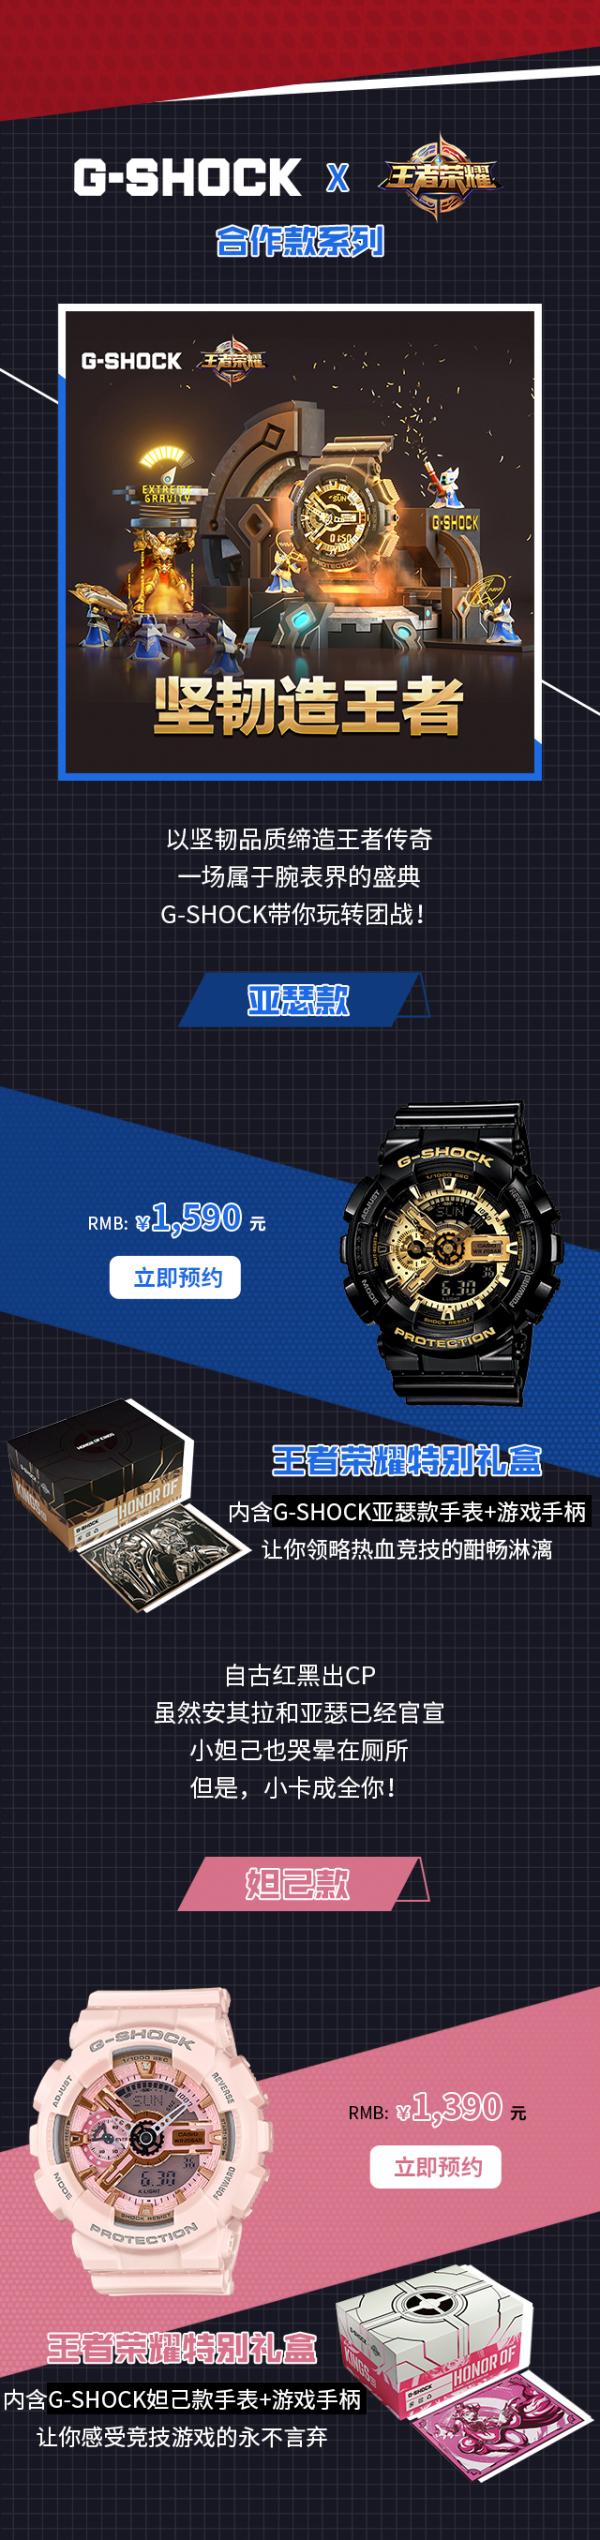 G-SHOCK 限量联名系列 | 买不完的联名 剁不完的手